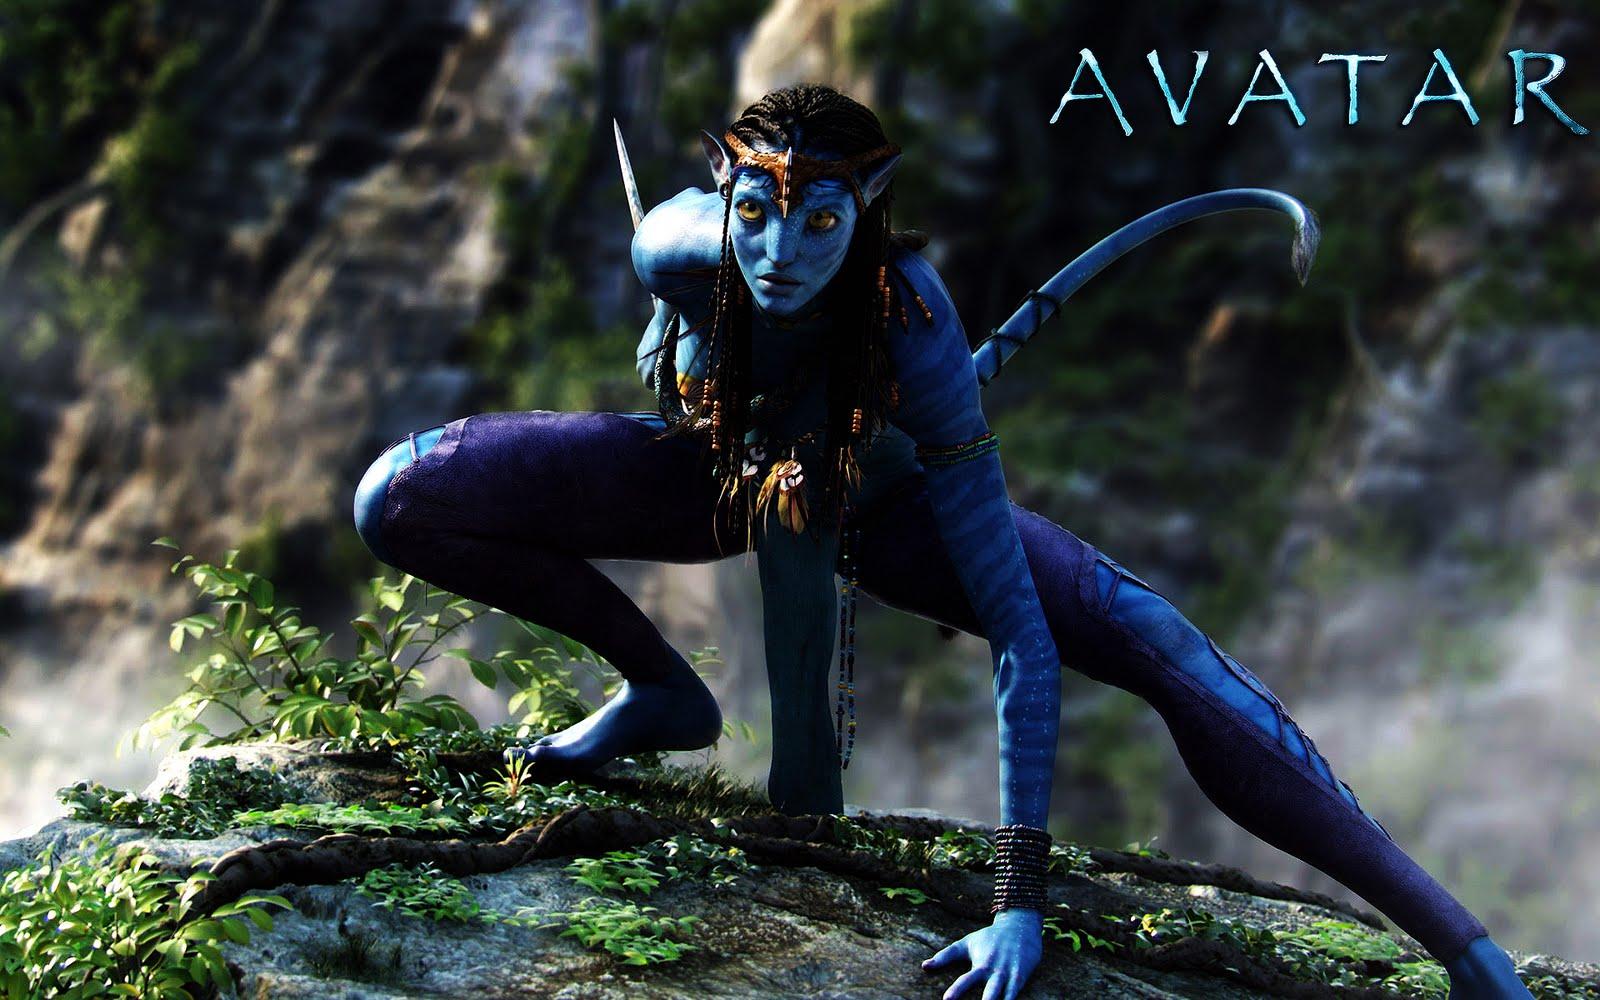 http://3.bp.blogspot.com/_AJ4wGazvdK4/TRfv9lUDYLI/AAAAAAAABRI/kp7B_0yHVIQ/s1600/avatar-new_03.jpg